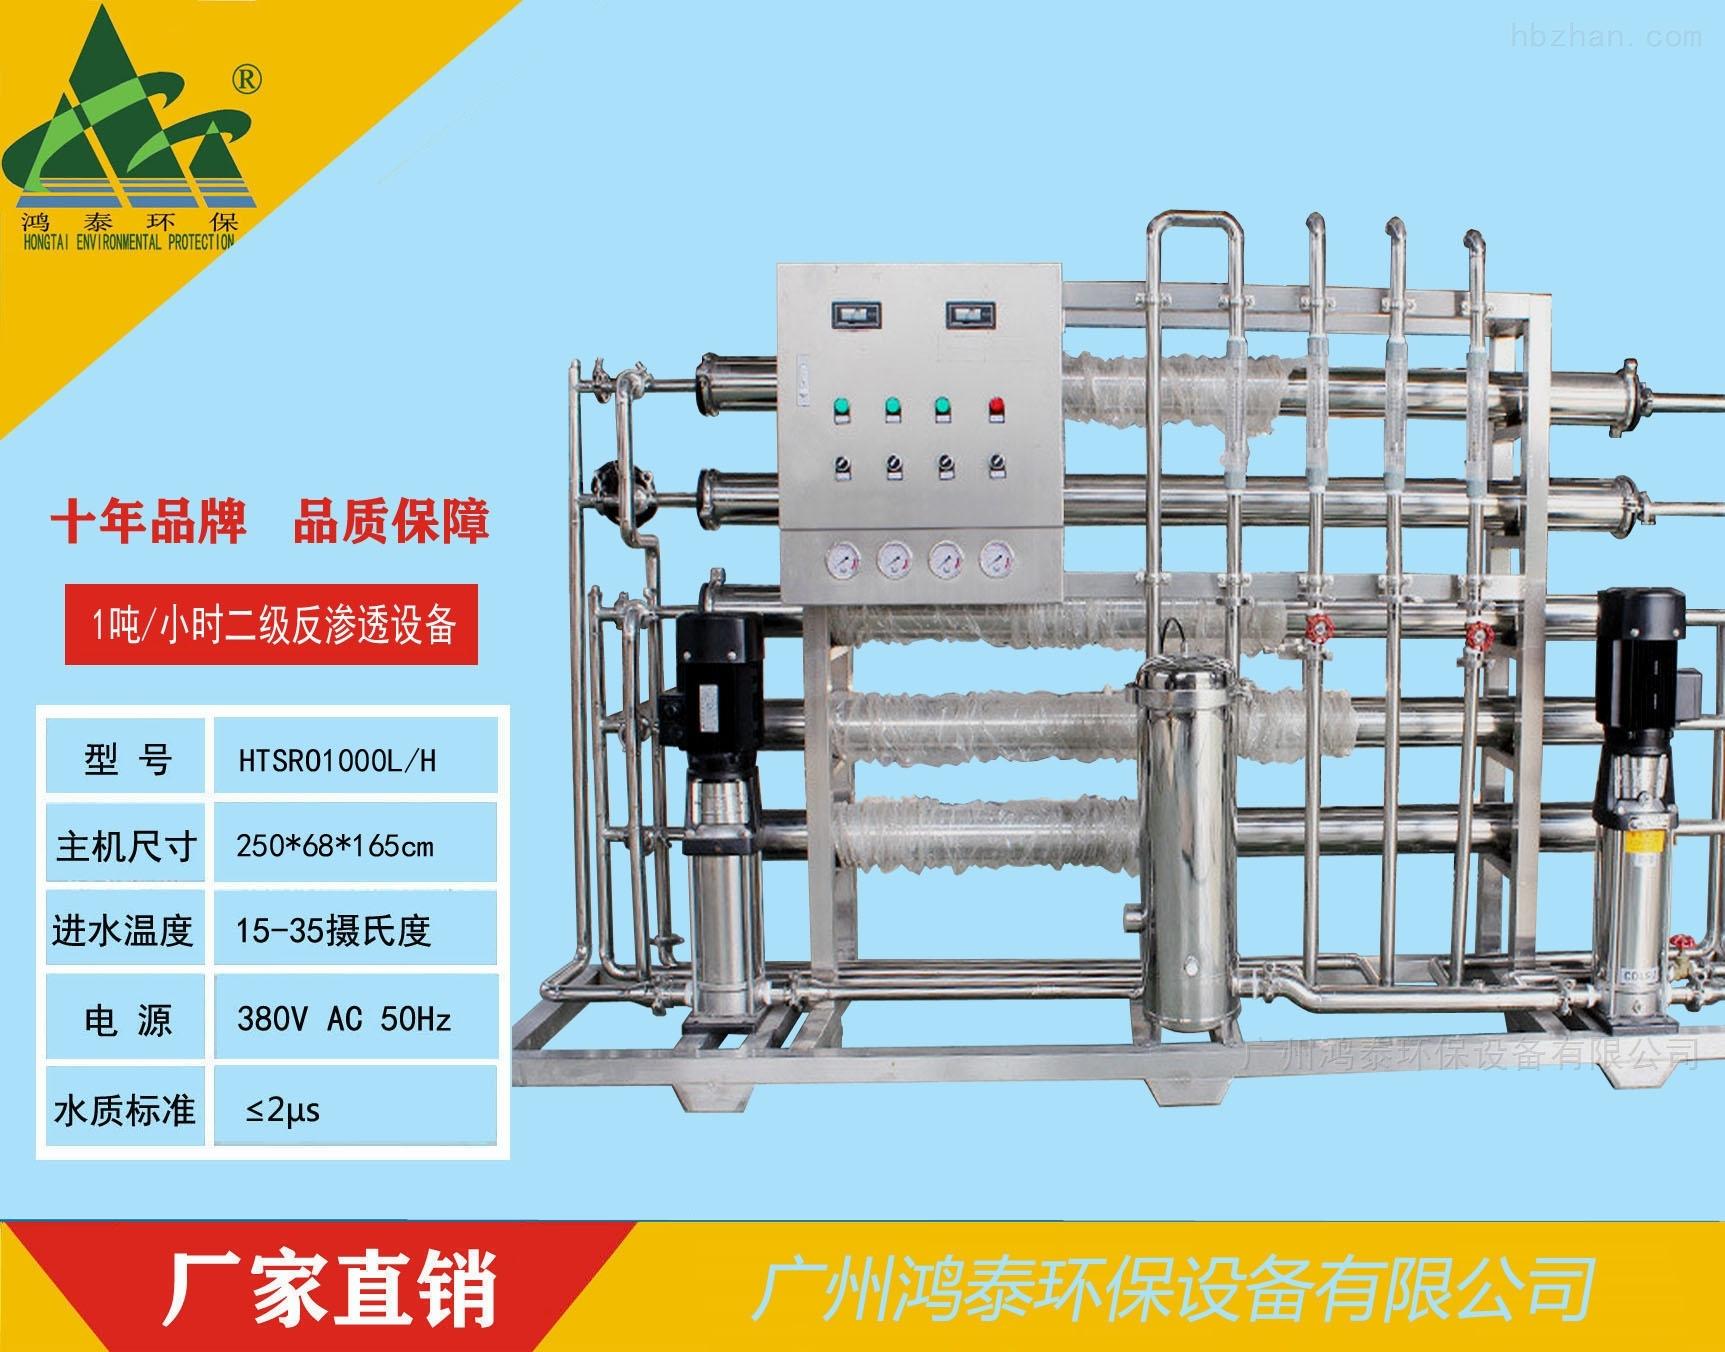 1吨/小时二级反渗透纯水设备